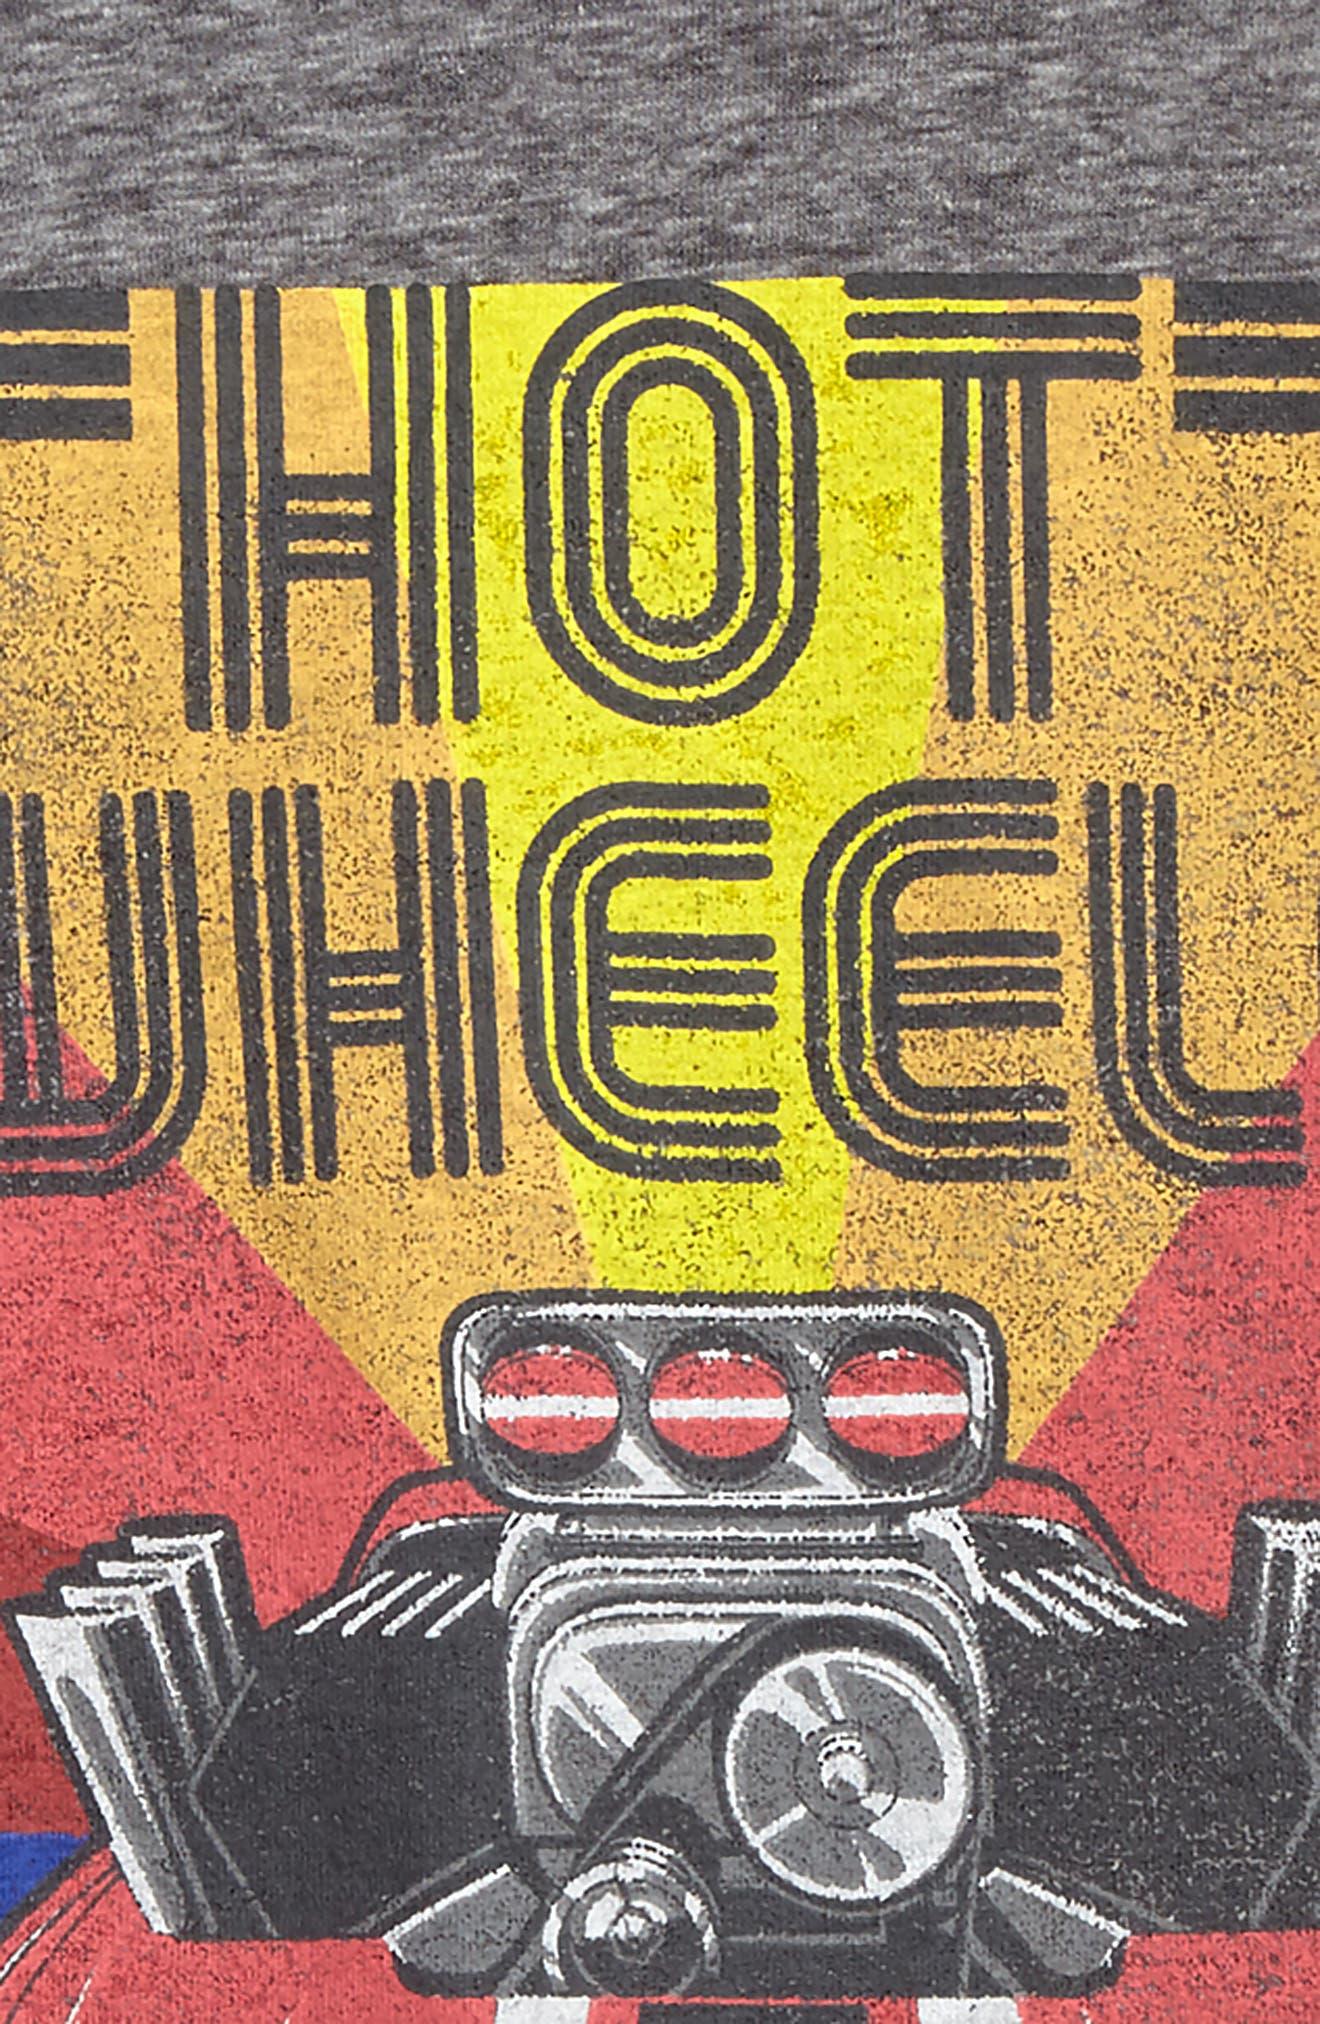 Alternate Image 2  - Happy Threads Hot Wheels Graphic Ringer T-Shirt (Toddler Boys & Little Boys)